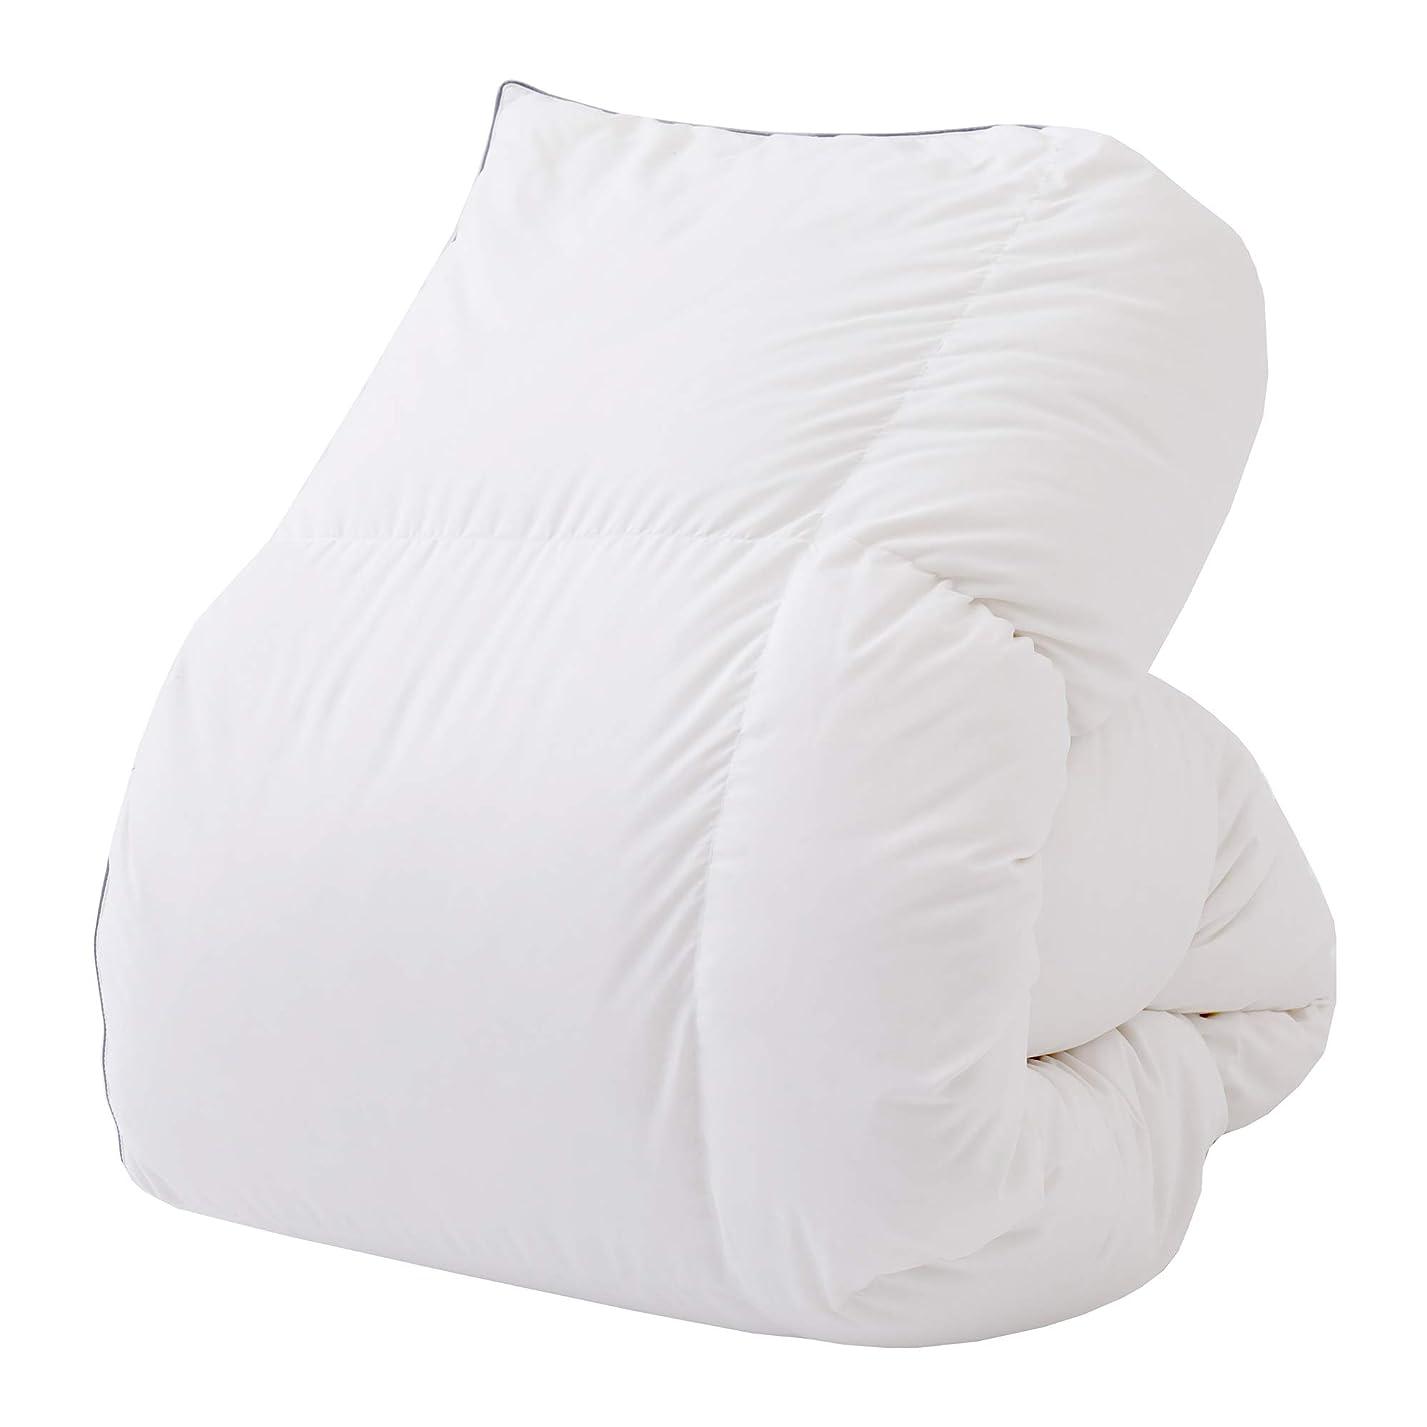 サイクロプス昇進迷信西川(Nishikawa) 羽毛布団 ホワイト シングル 厳しい西川基準をクリア 西川品質 ダウン85% 日本製 KA09002504W